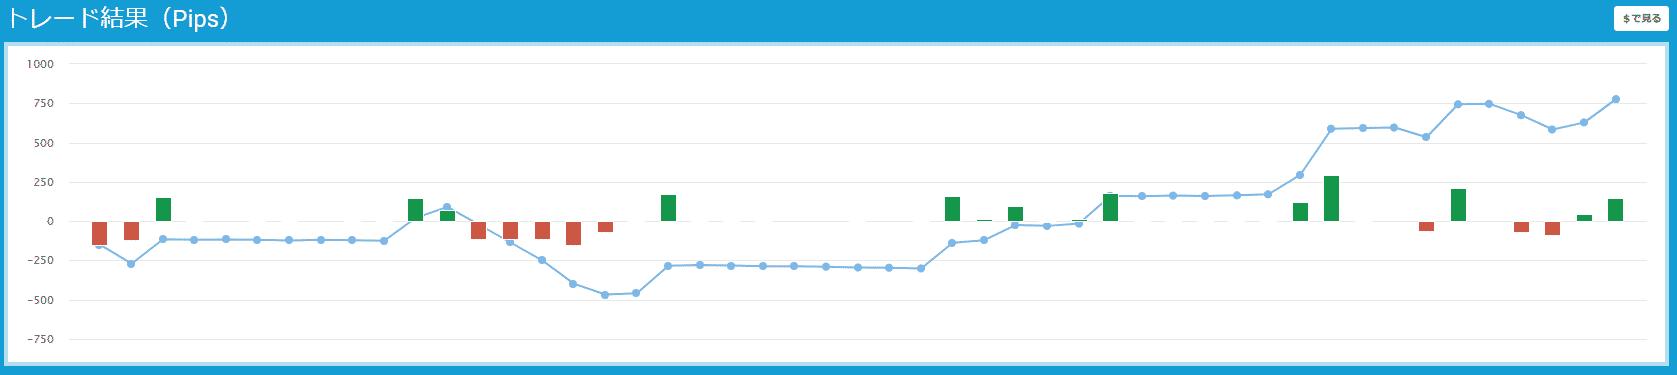 プロップトレーダーチャート203